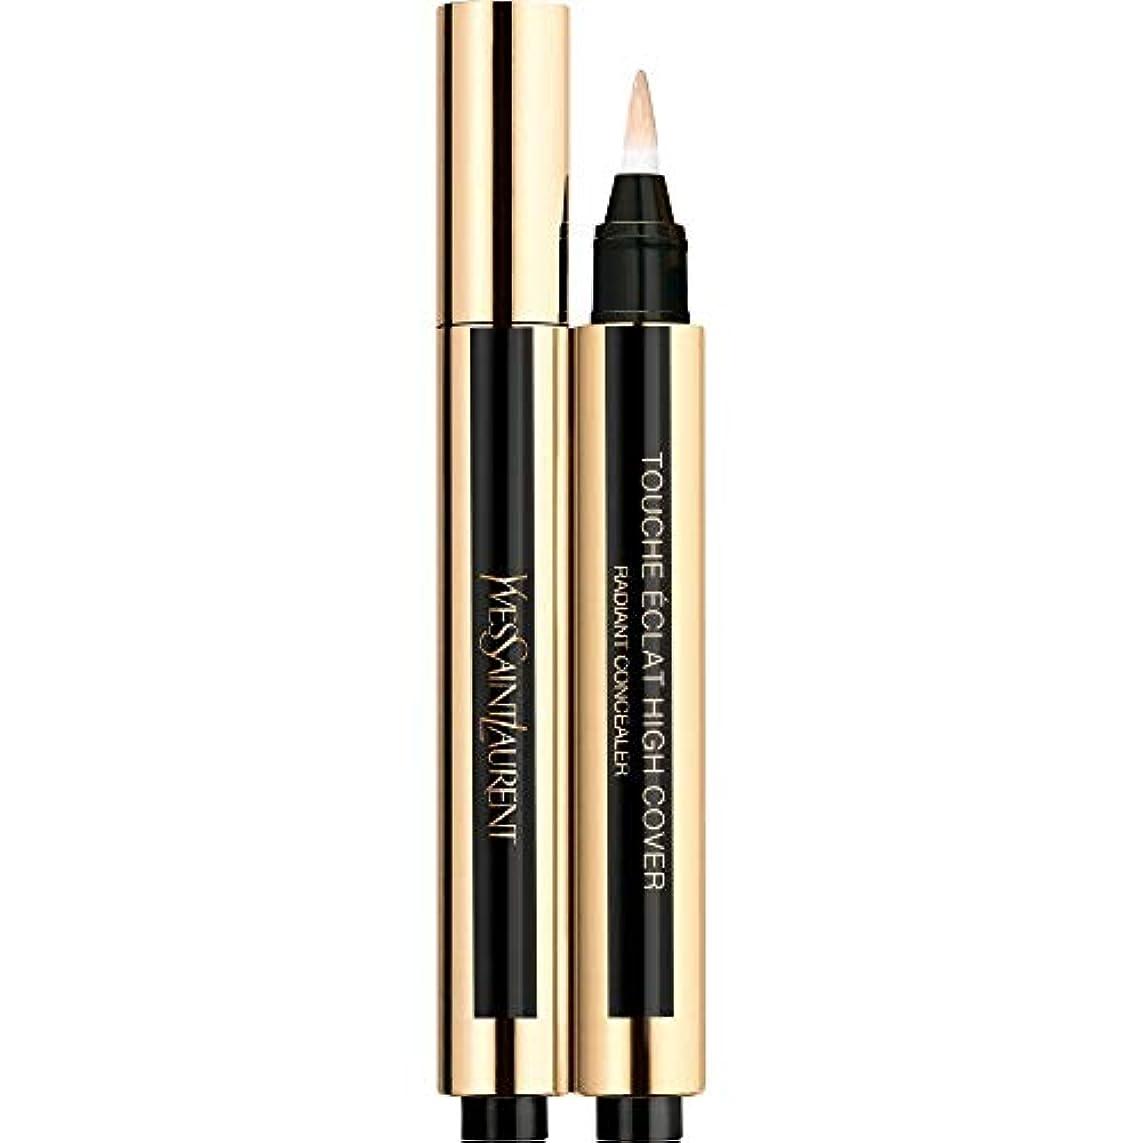 進捗反乱ブルーム[Yves Saint Laurent] 0.5 2.5ミリリットルイヴ?サンローランのトウシュエクラ高いカバー放射コンシーラーペン - バニラ - Yves Saint Laurent Touche Eclat High Cover Radiant Concealer Pen 2.5ml 0.5 - Vanilla [並行輸入品]